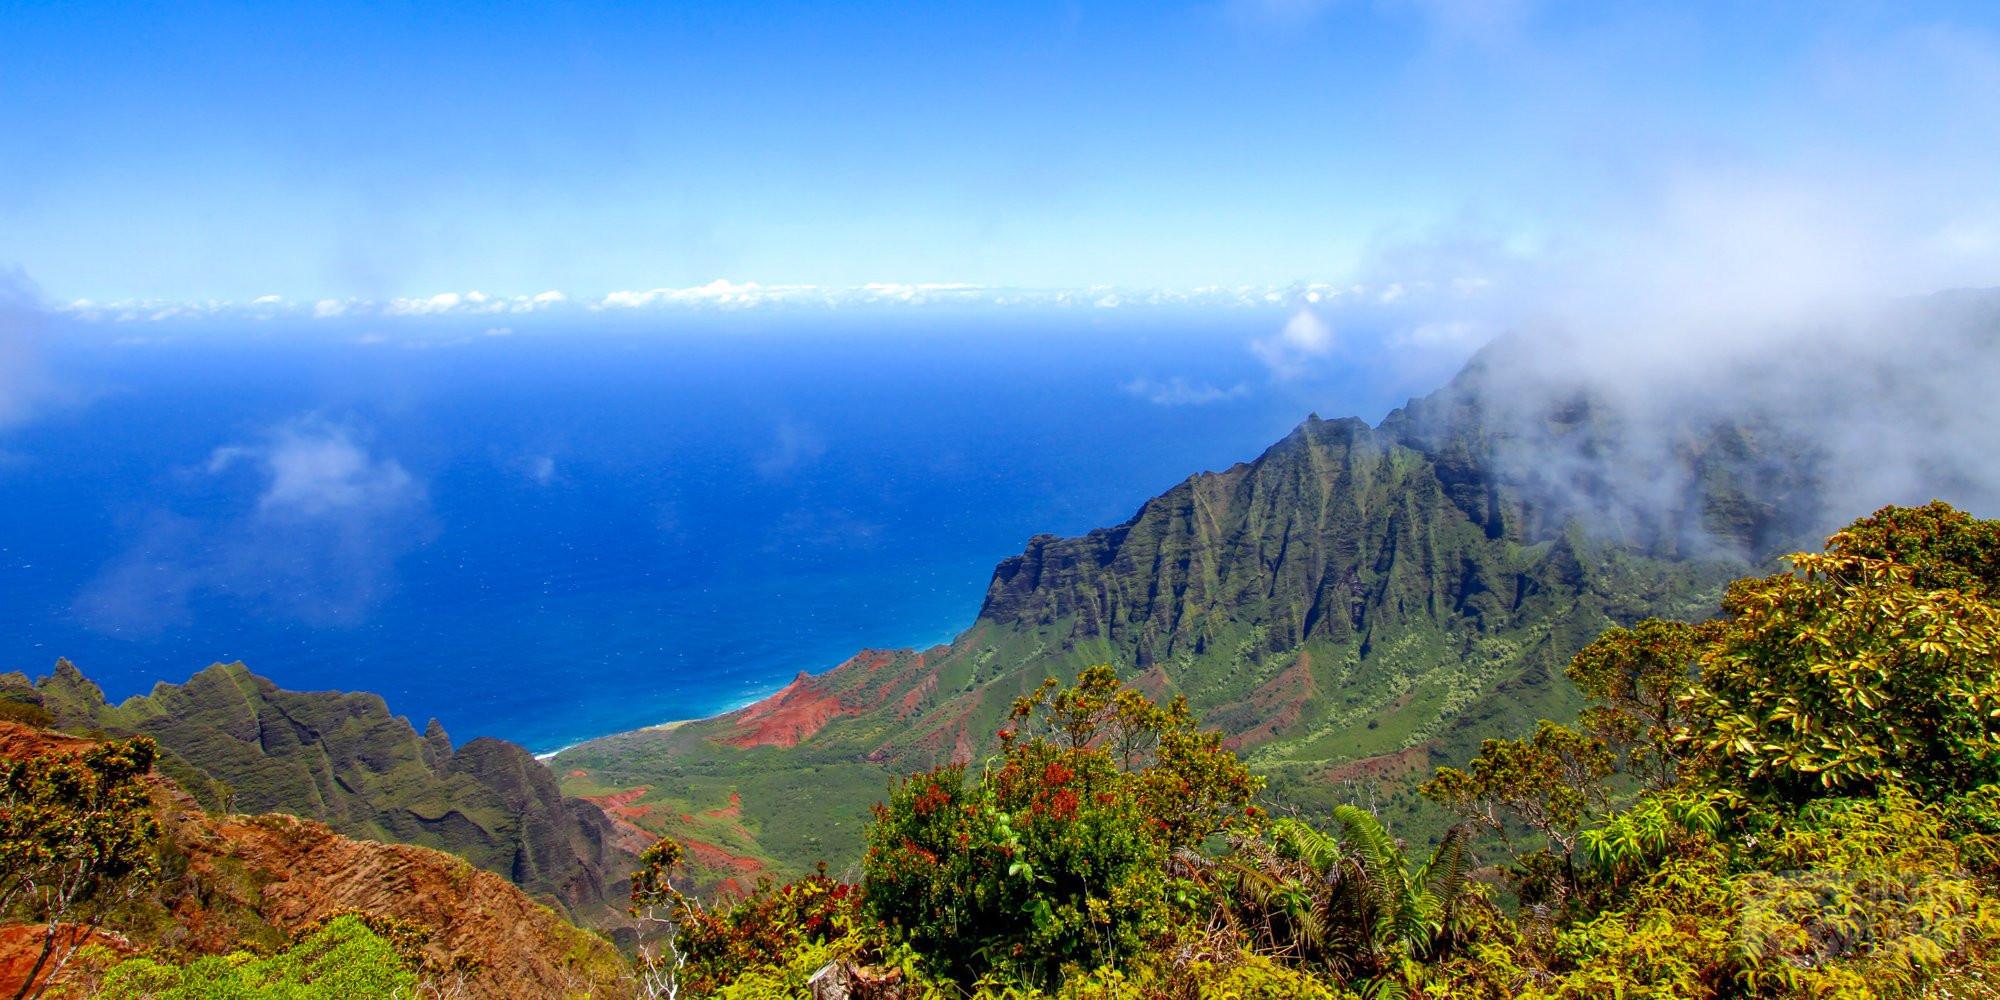 Kalalau Valley in Kauai Island, Hawaii